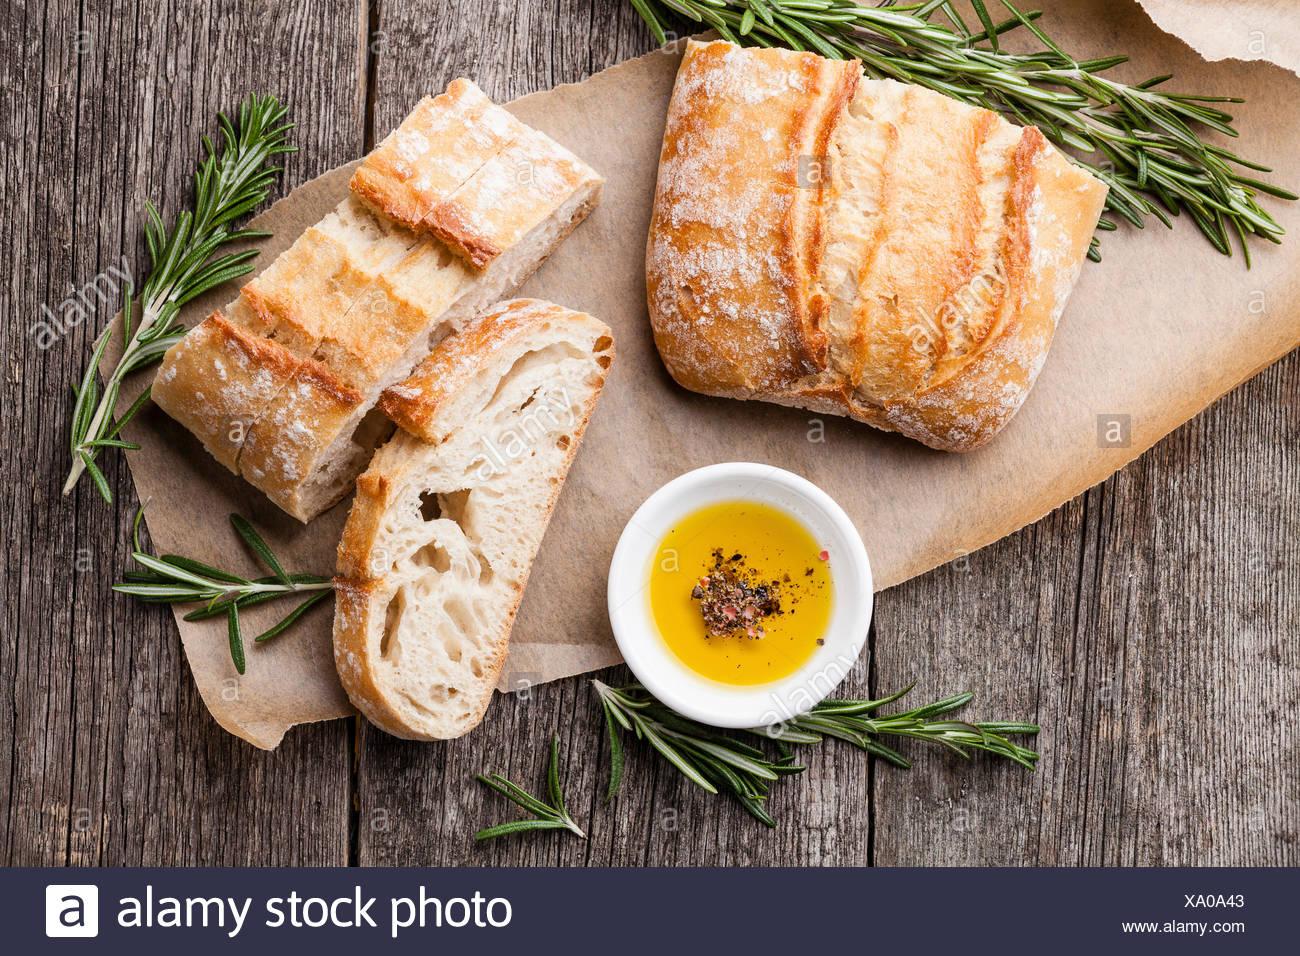 Rebanadas de pan ciabatta y aceite de oliva virgen extra en el fondo de madera Imagen De Stock